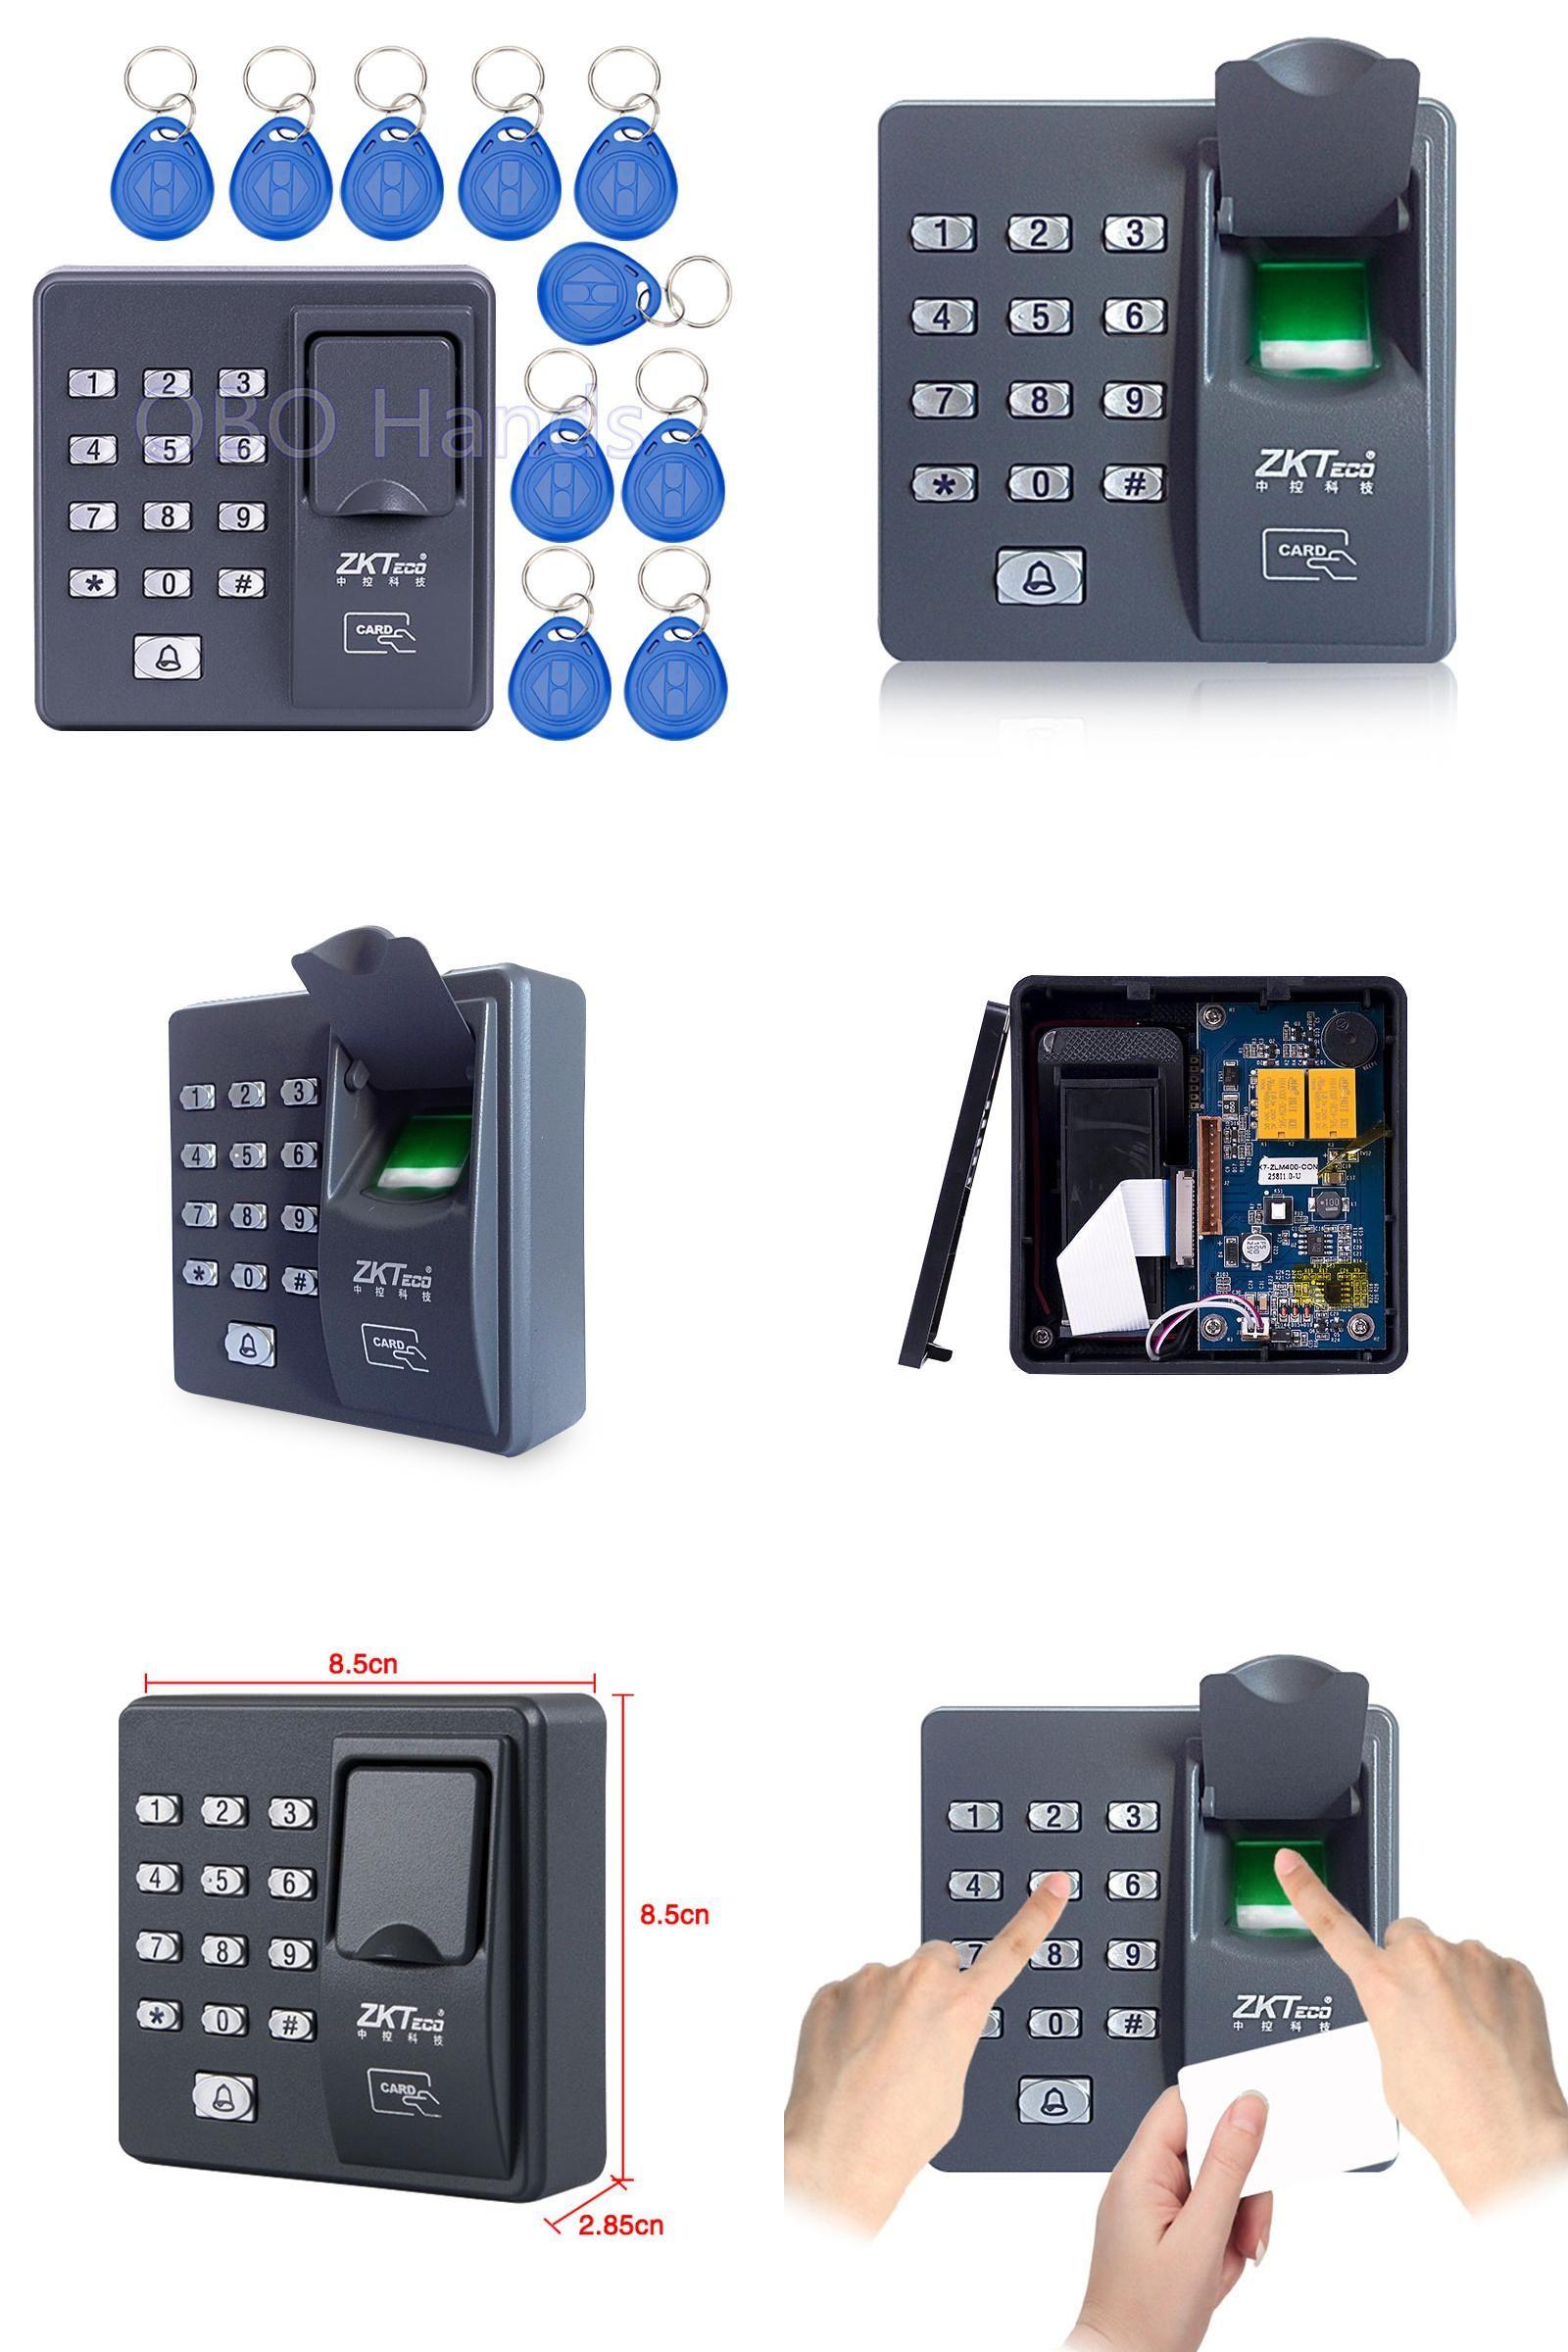 [Visit to Buy] Digital electric RFID reader finger scanner